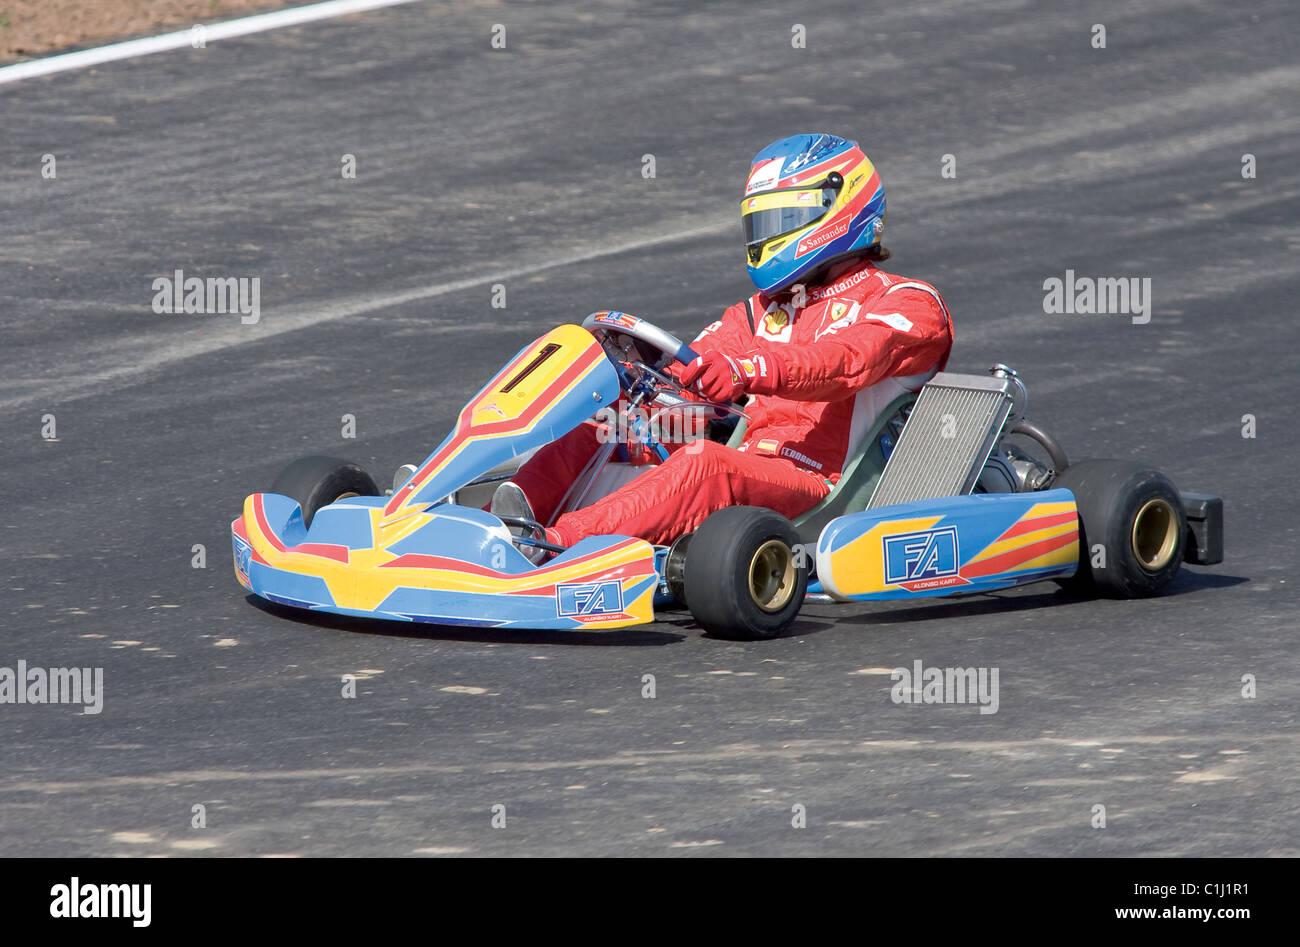 Circuito Karting : Circuito de karting fernando alonso stock photos & circuito de